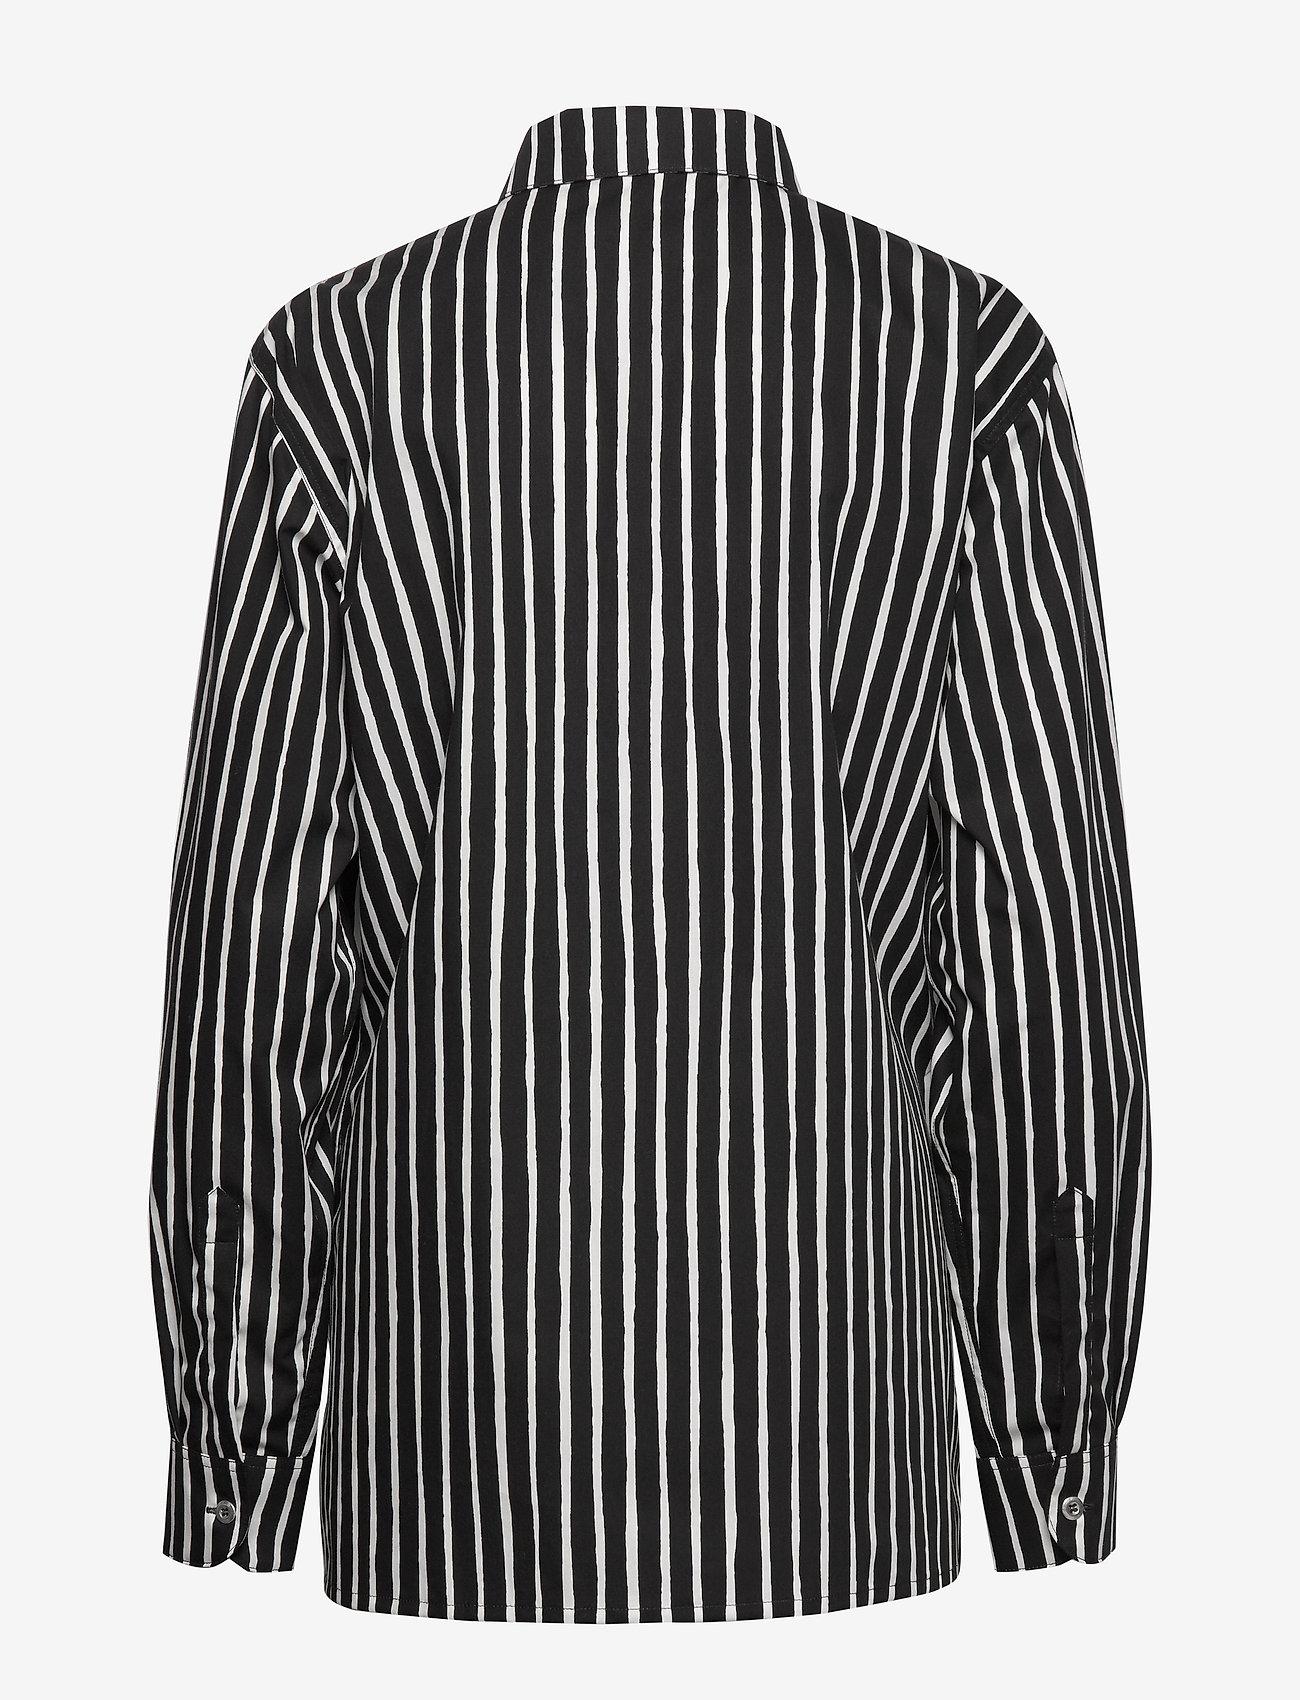 Marimekko - JOKAPOIKA 2017 - pitkähihaiset paidat - black, white